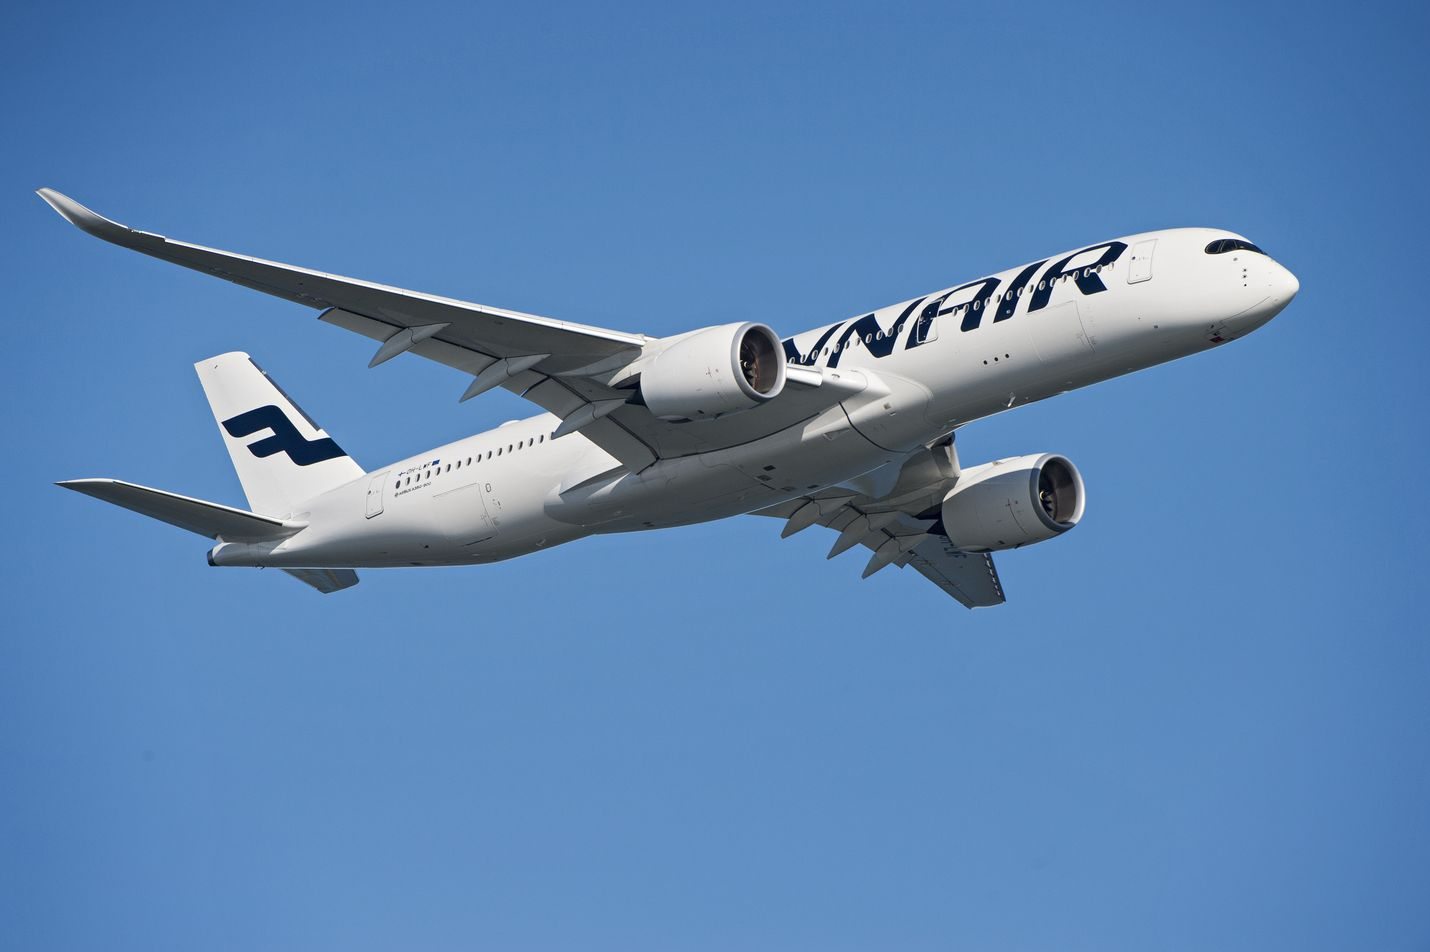 Finnair lopettaa kaupalliset lennot maaliskuussa Joensuuhun, Kokkolaan, Kajaaniin, Kemiin ja Jyväskylään.